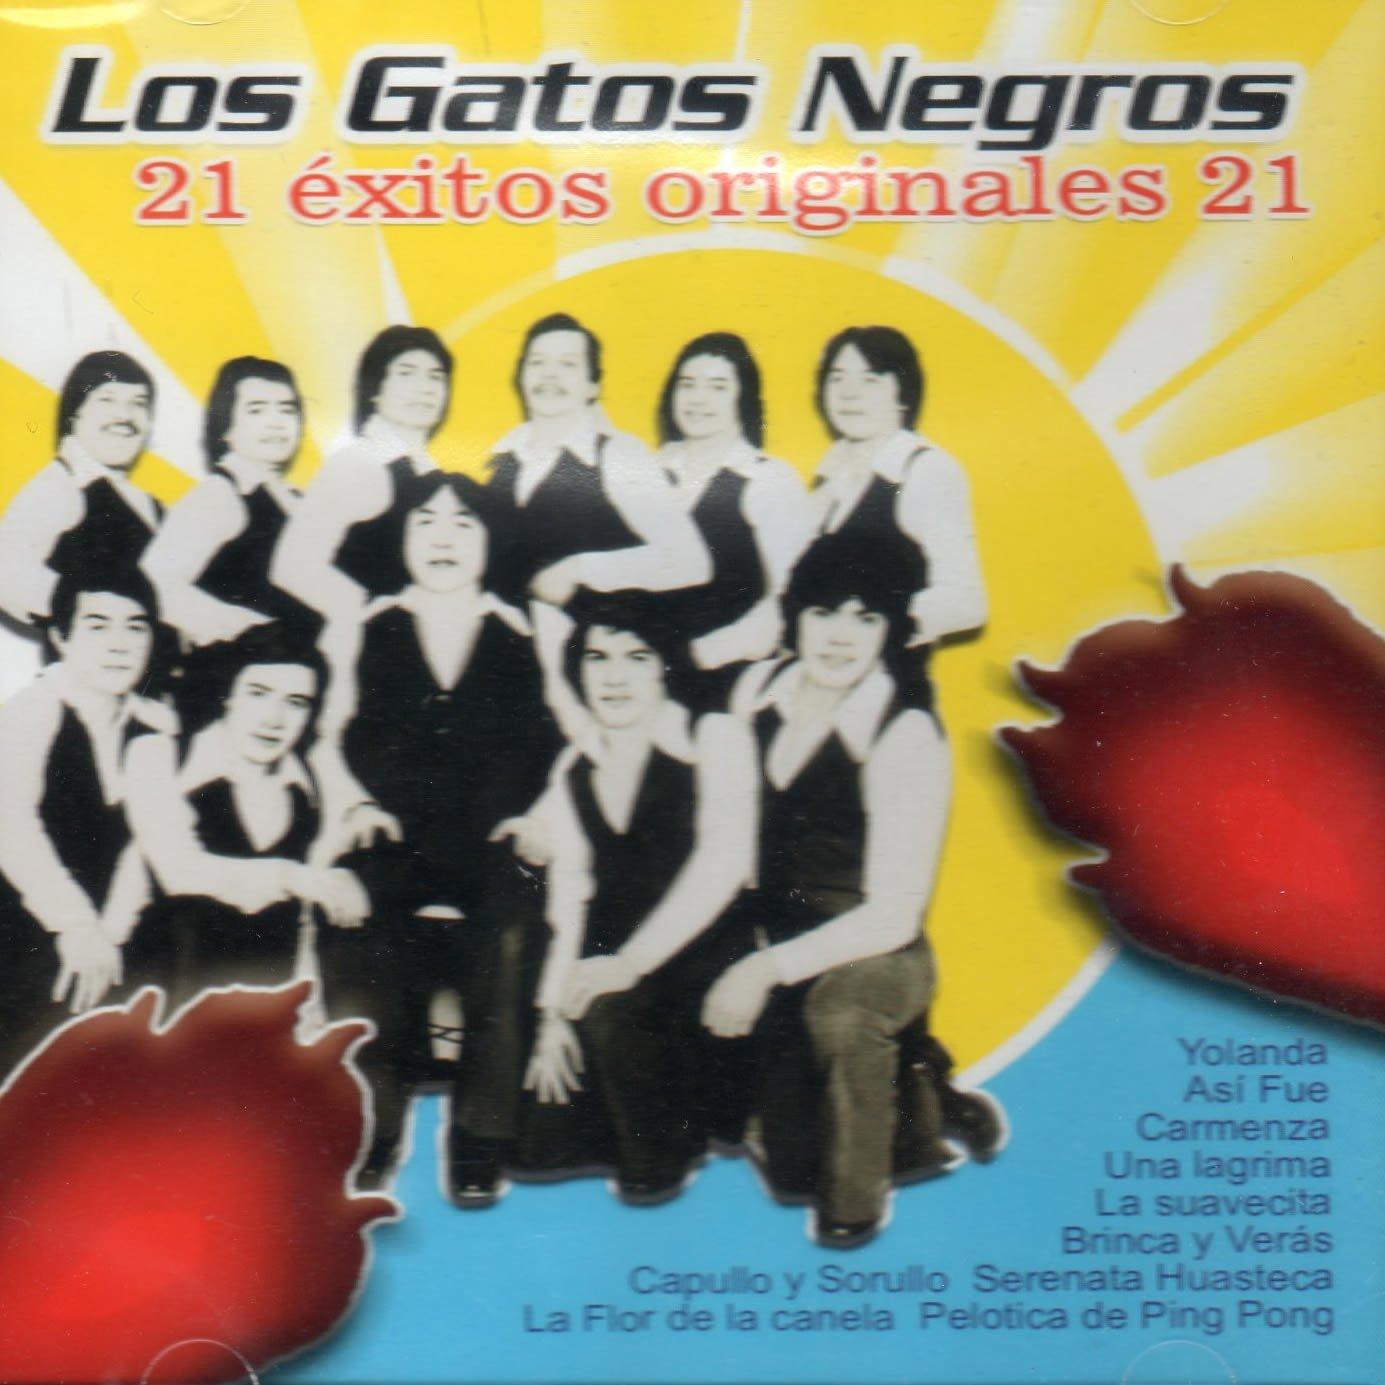 LOS GATOS NEGROS - LOS GATOS NEGROS 21 EXITOS ORIGINALES - Amazon.com Music